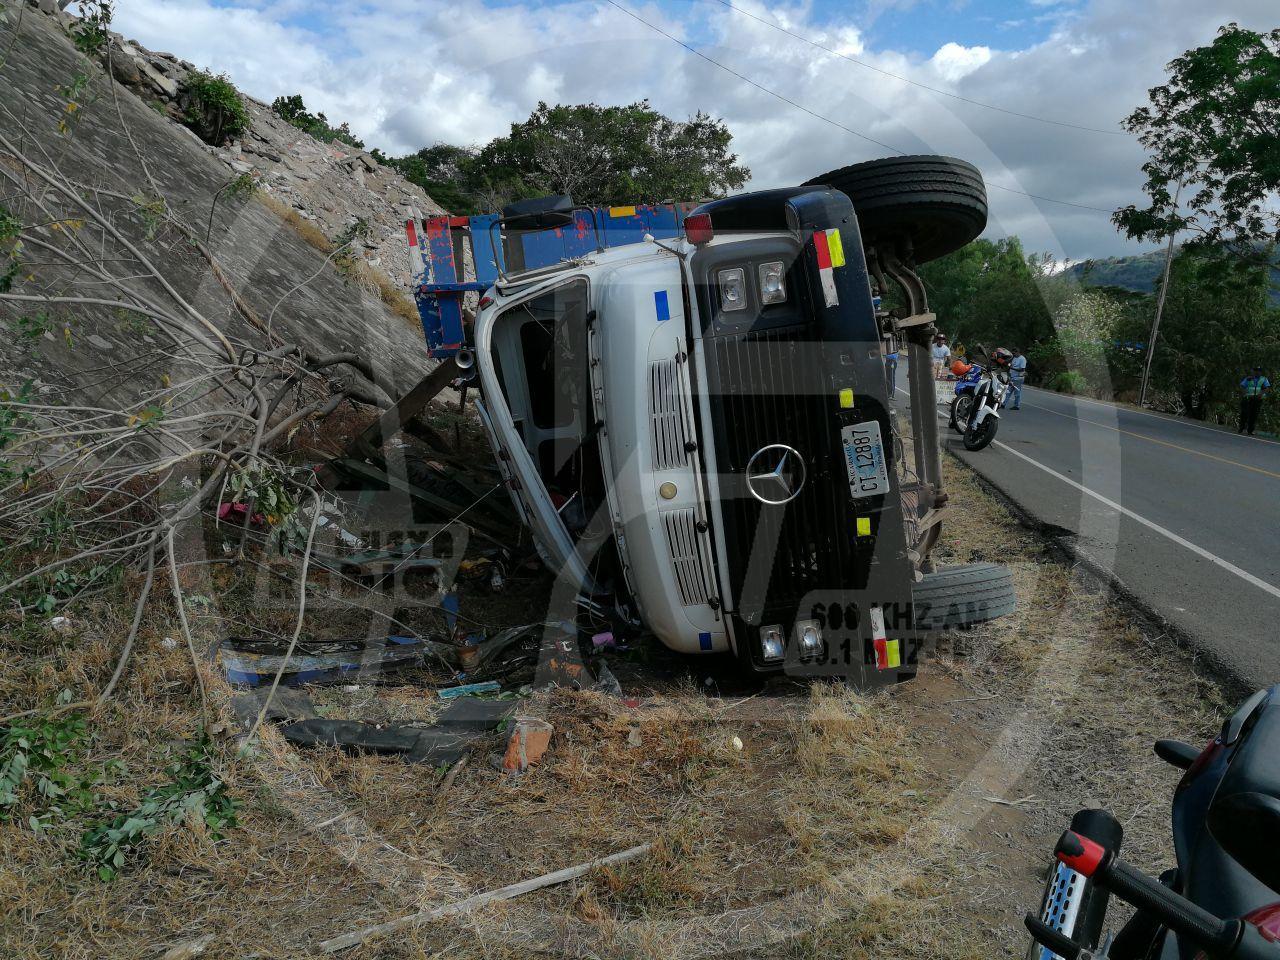 El pesado vehículo sufrió fallas mecánicas derivando en el accidente